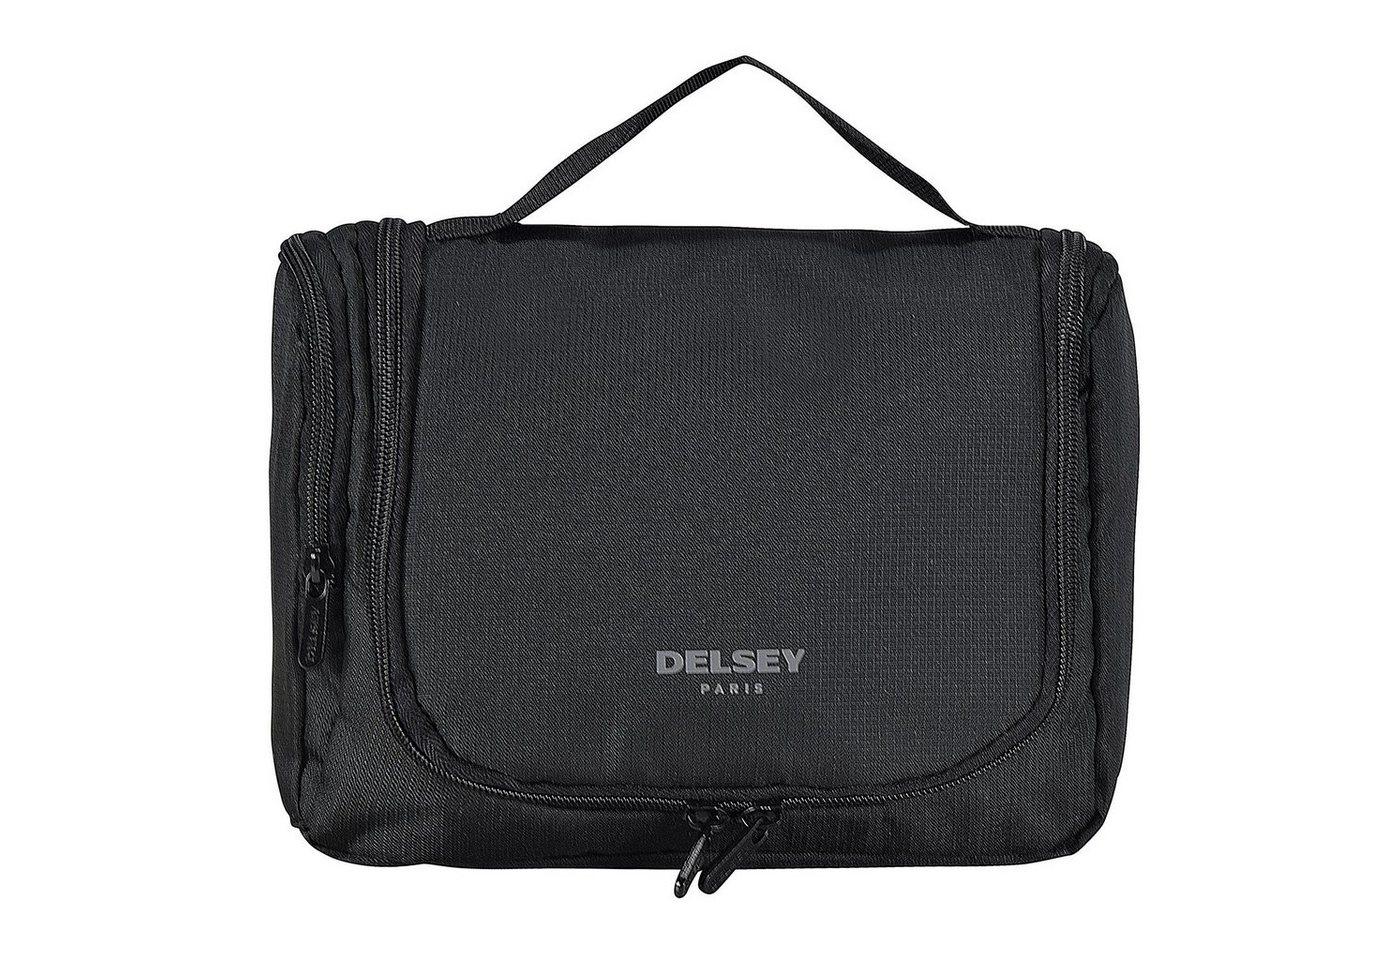 Delsey Accessoires Beautycase 24 cm